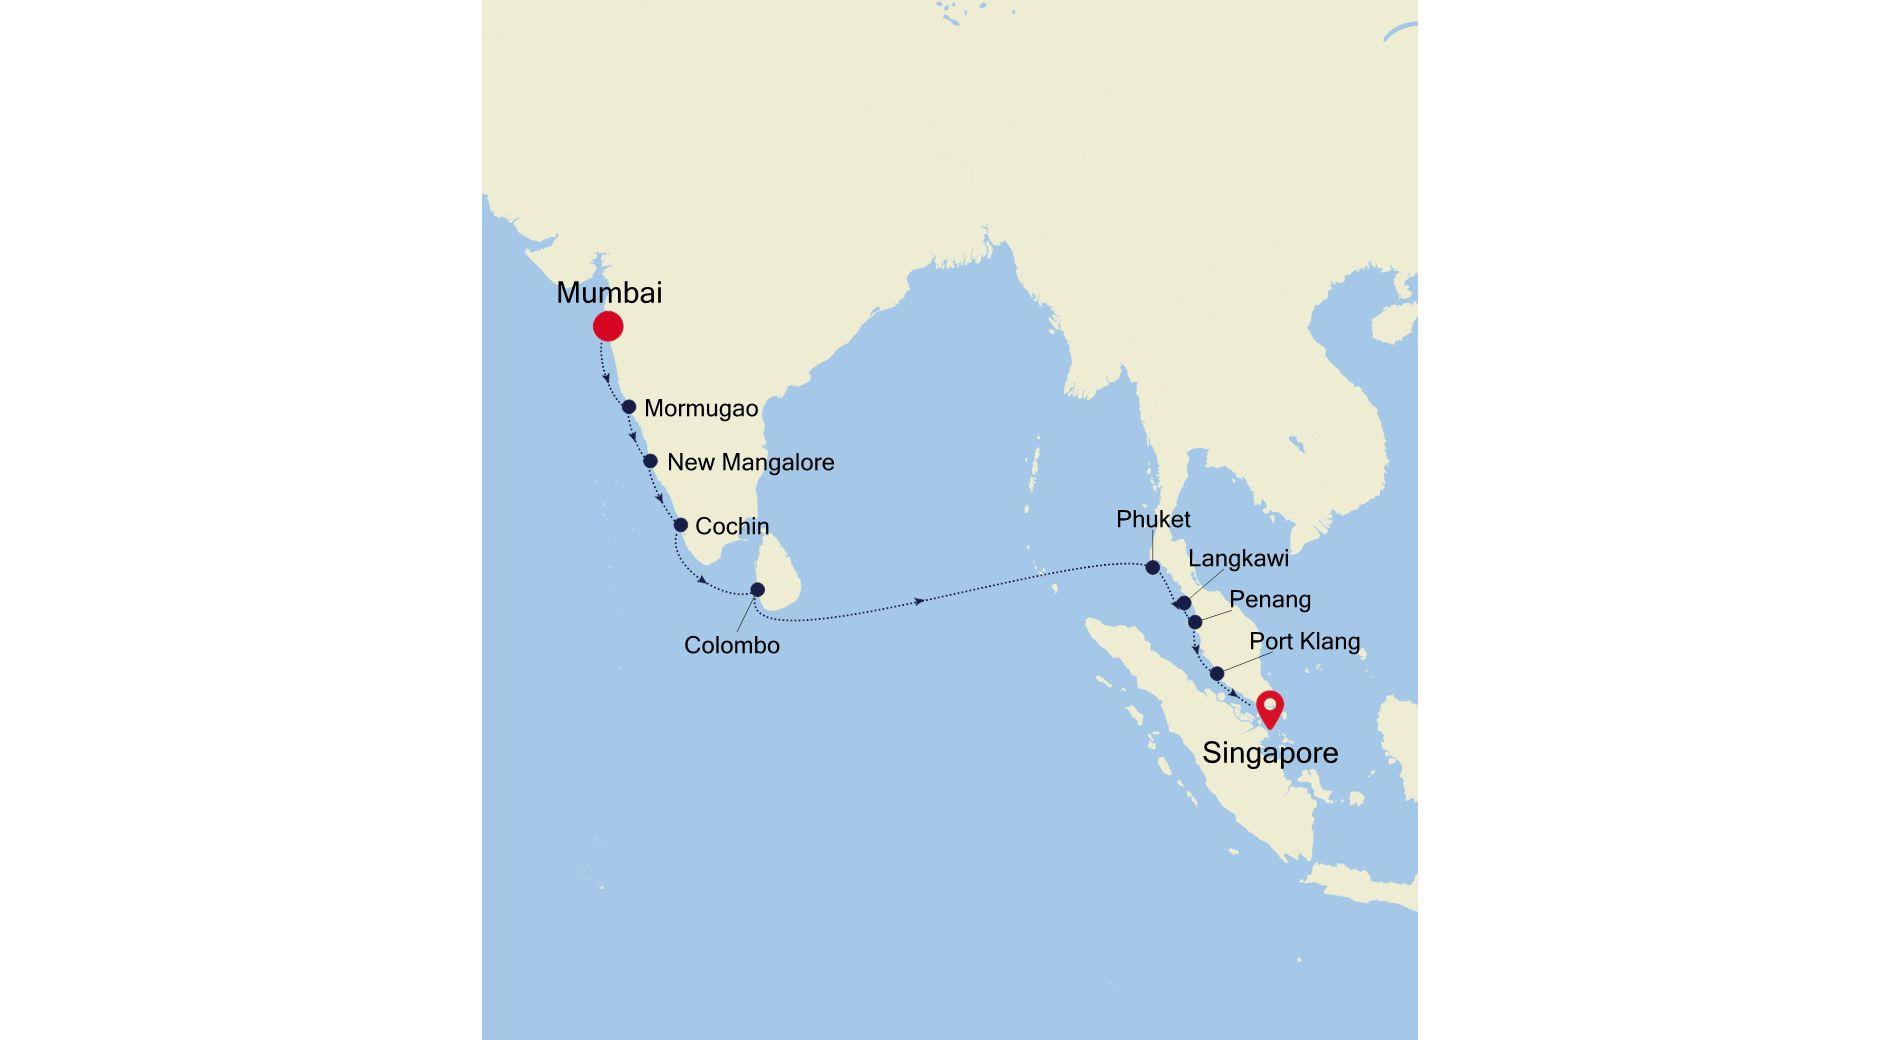 MO211126014 - Mumbai to Singapore